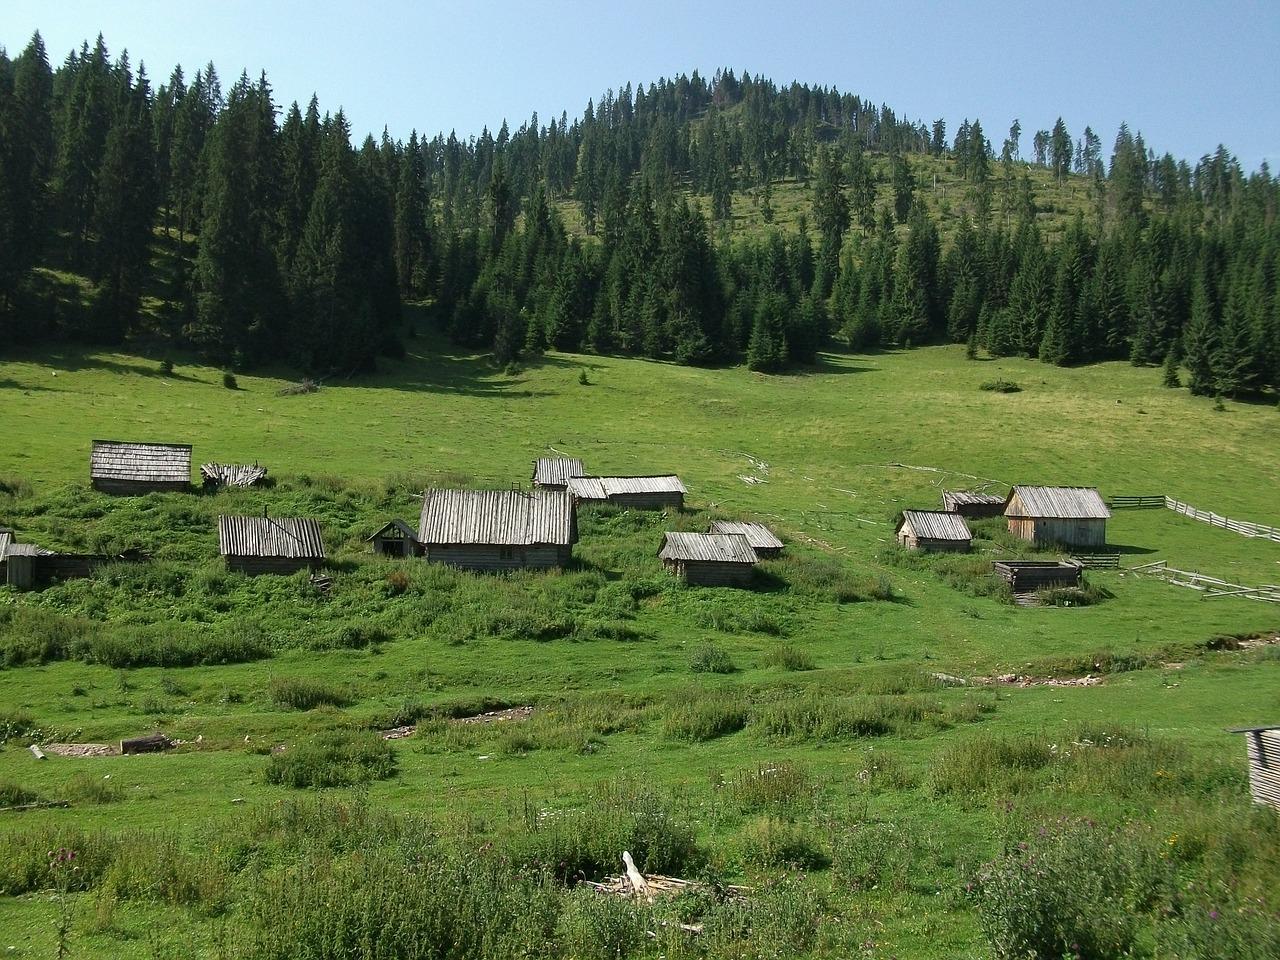 romania 643655 1280 - Podkarpacie i jego 4 urocze wsie - Cisna, Rakszawa, Myczkowce, Krasiczyn